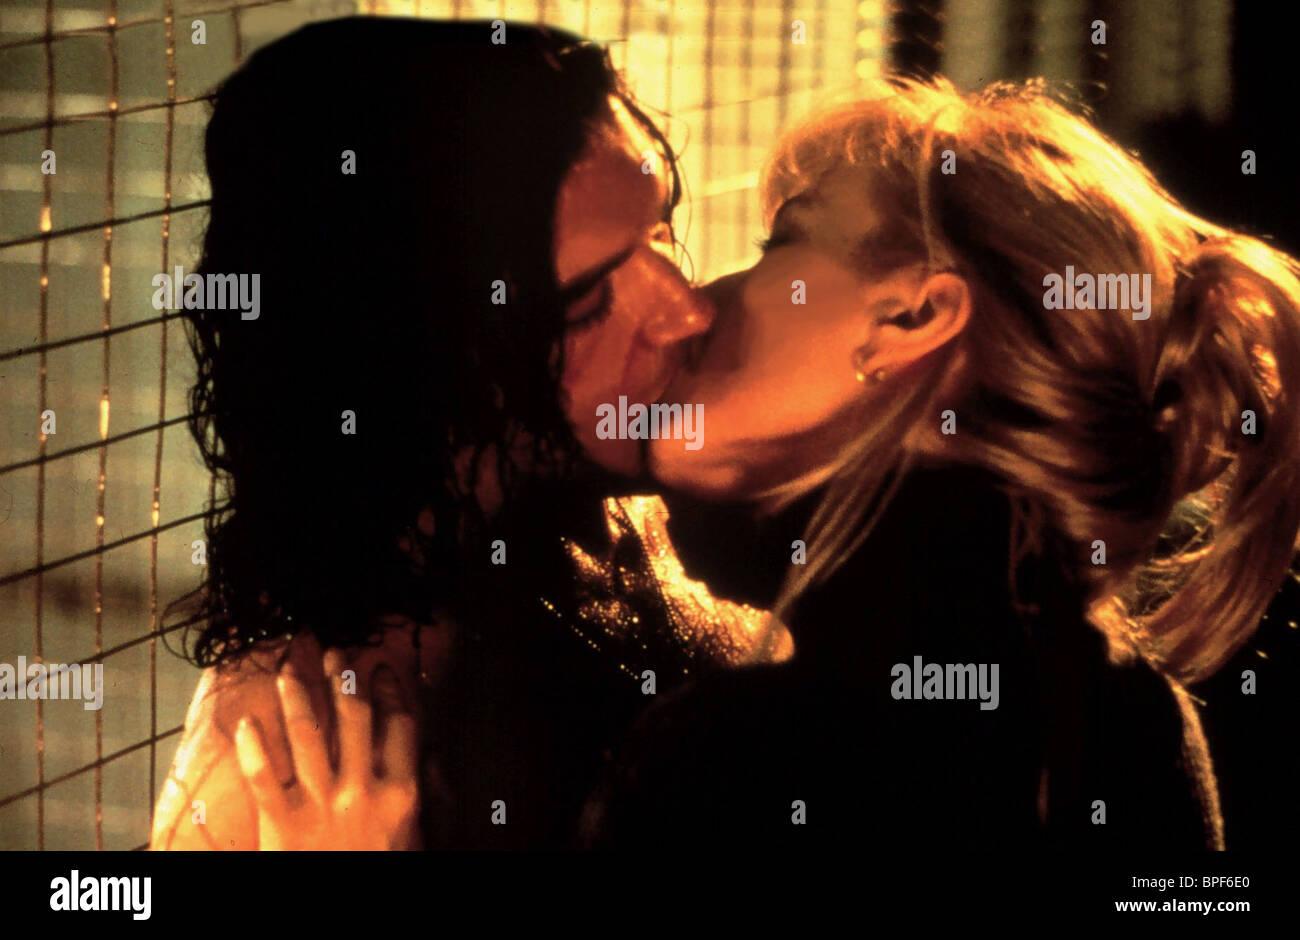 Angelina jolie e antonio banderas cena sexo quente no filme pecado original acesse wwwpornonanetcom - 5 3